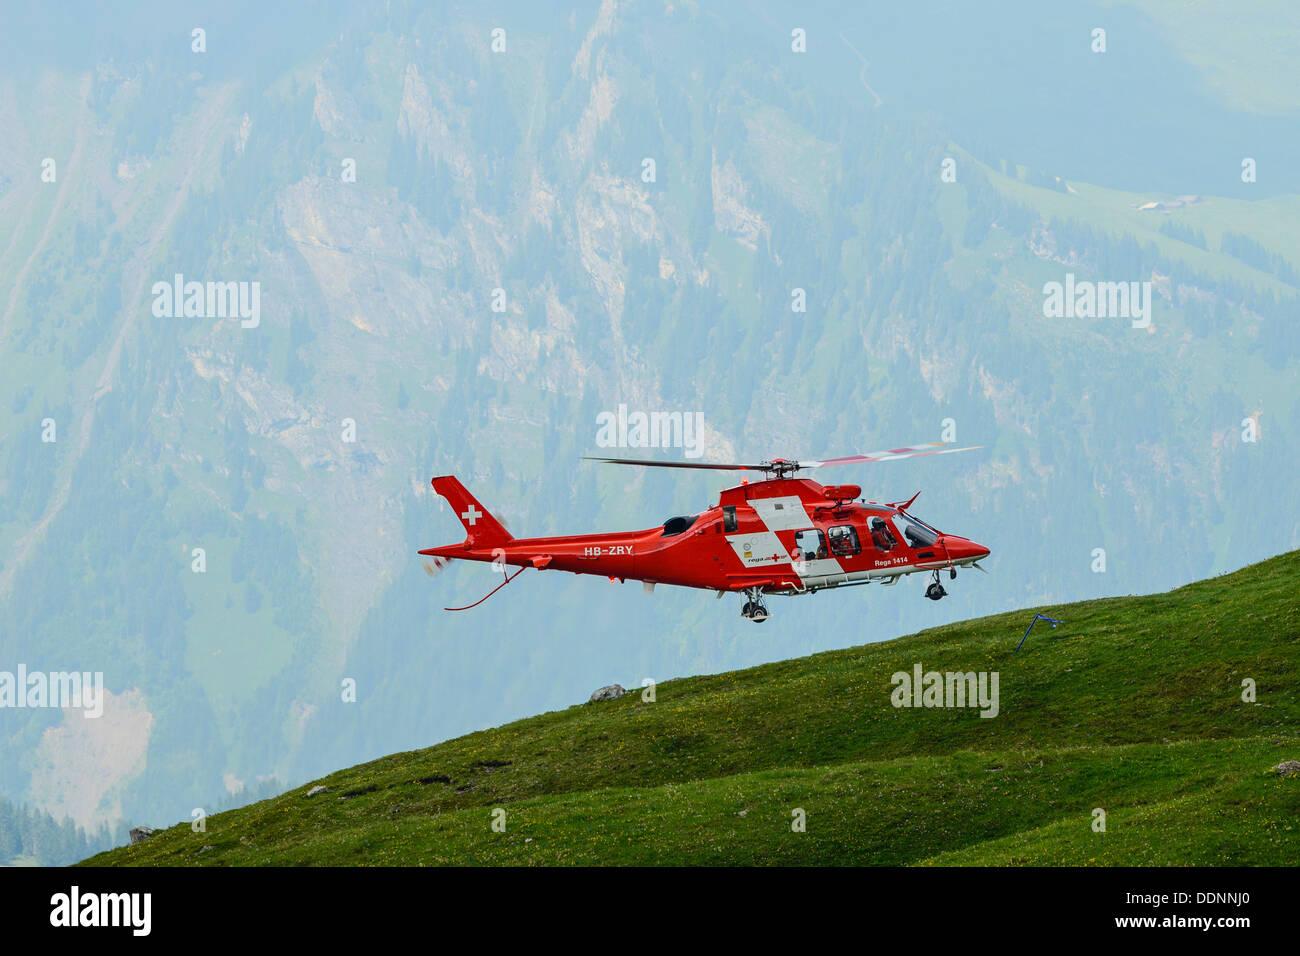 AgustaWestland Da Vinci Helikopter der Schweizerischen Rettungsflugwacht REGA in Aktion in der Nähe von Grindelwald Stockbild